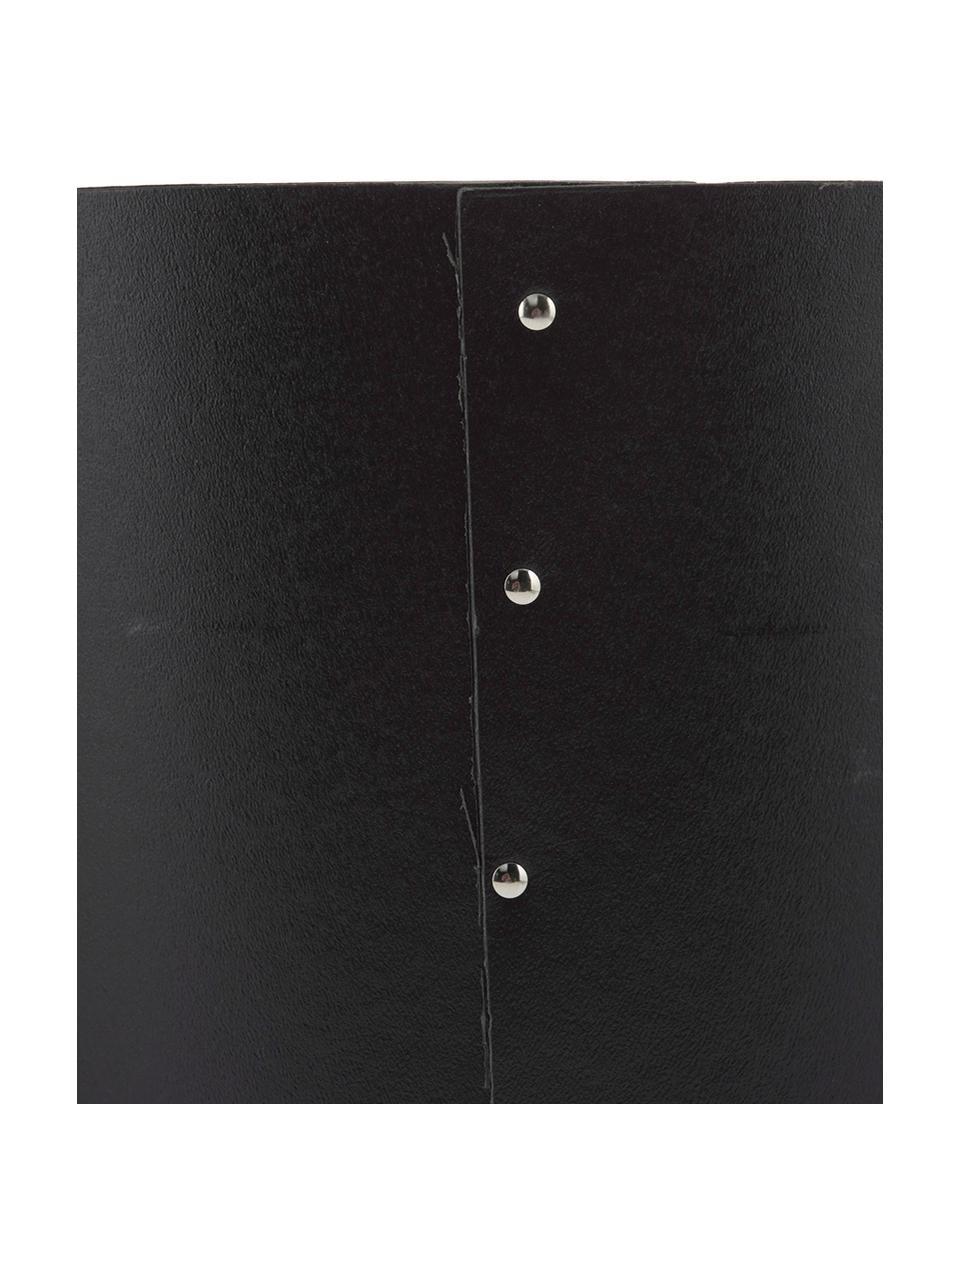 Papierkorb Aries, Fester, laminierter Karton, Schwarz, Silberfarben, Ø 27 x H 35 cm